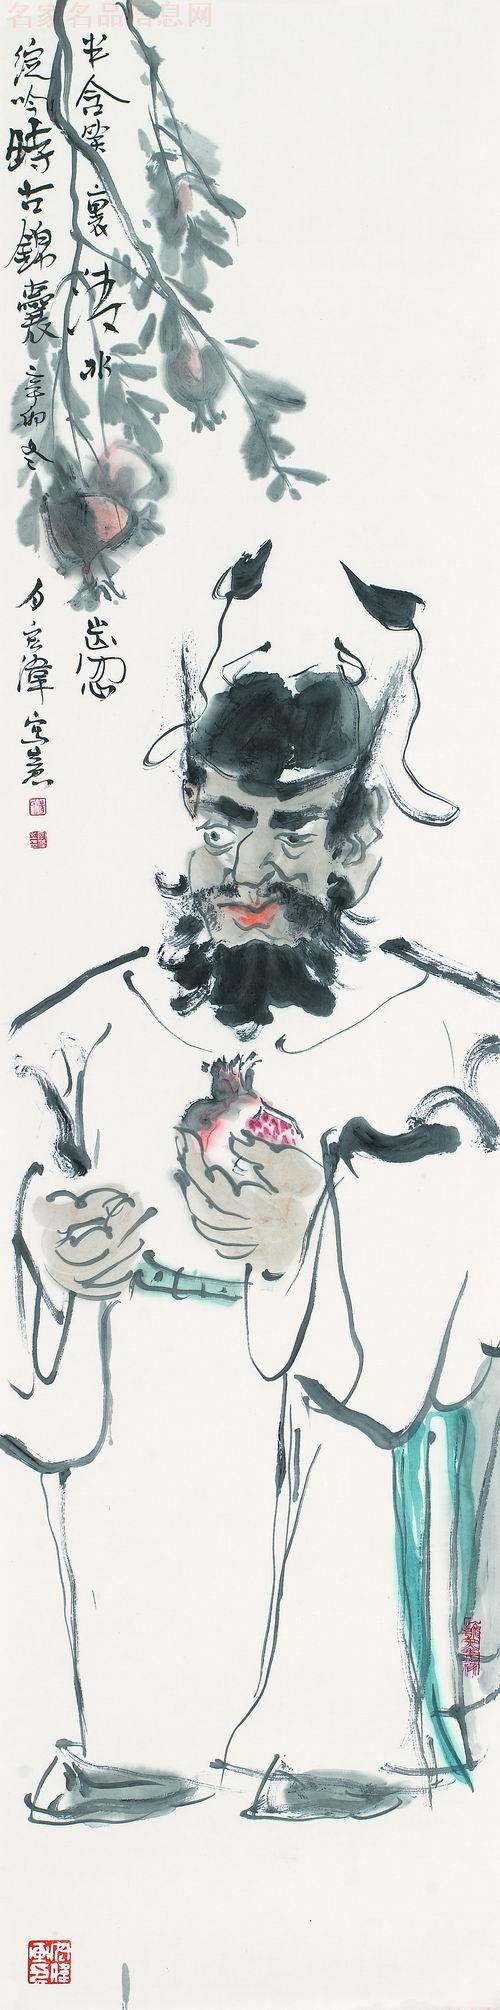 杨宏伟人物画